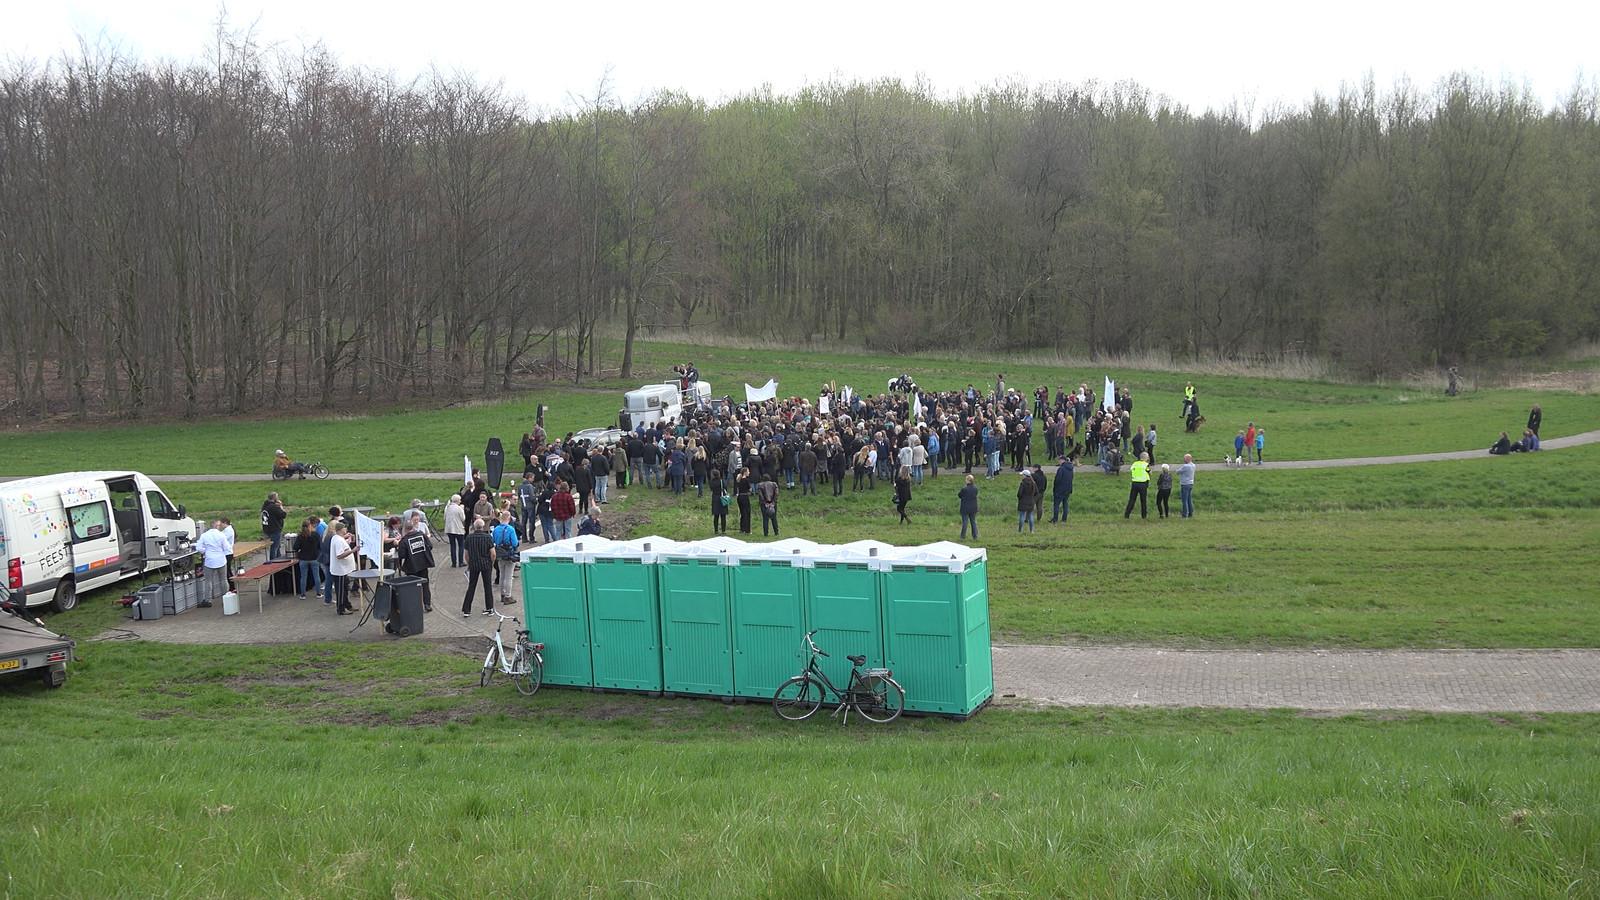 Protestacties bij de Oostvaardersplassen tegen het voerbeleid, eerder dit jaar.